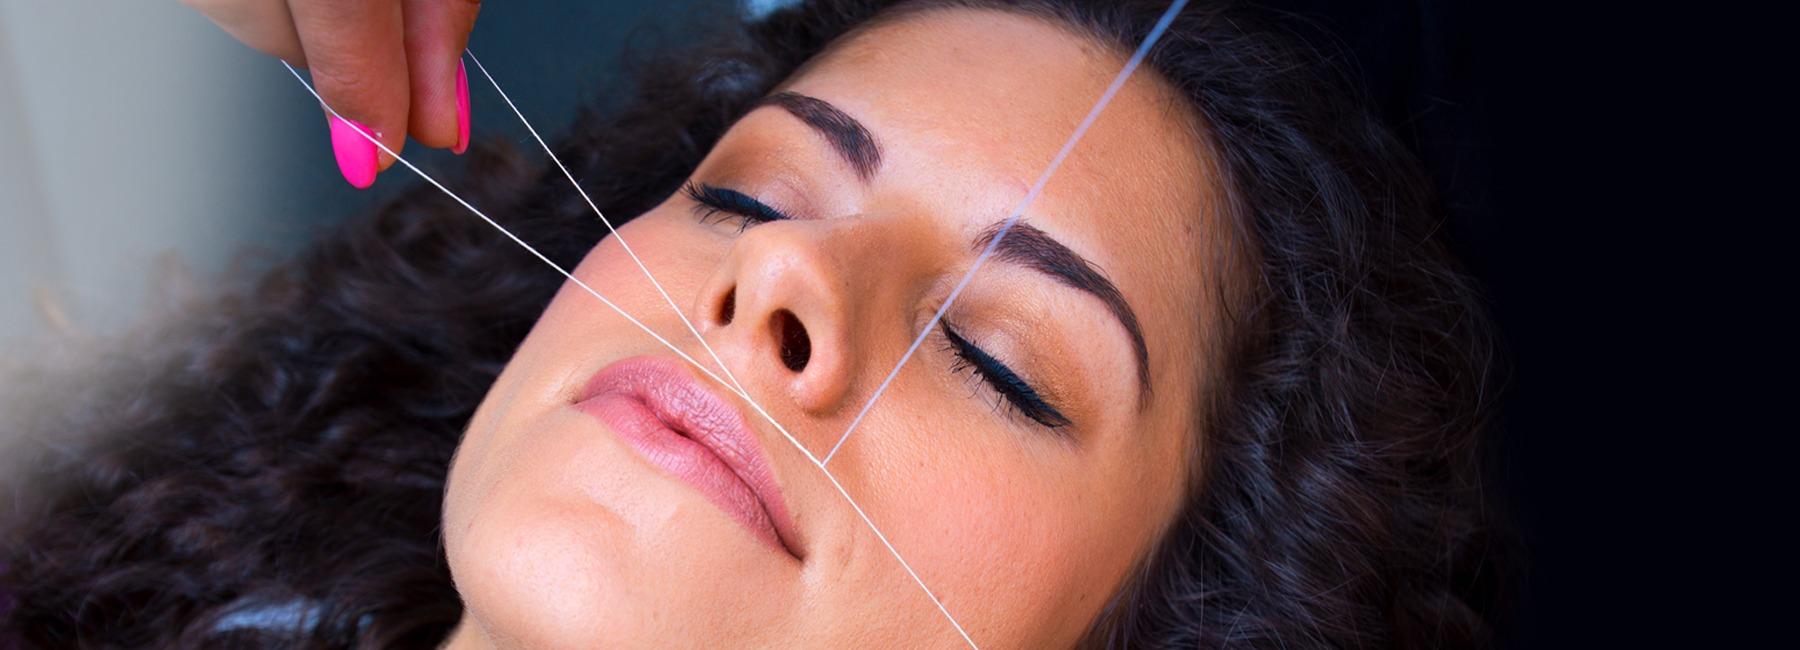 Устранение волос на щеках при помощи нити